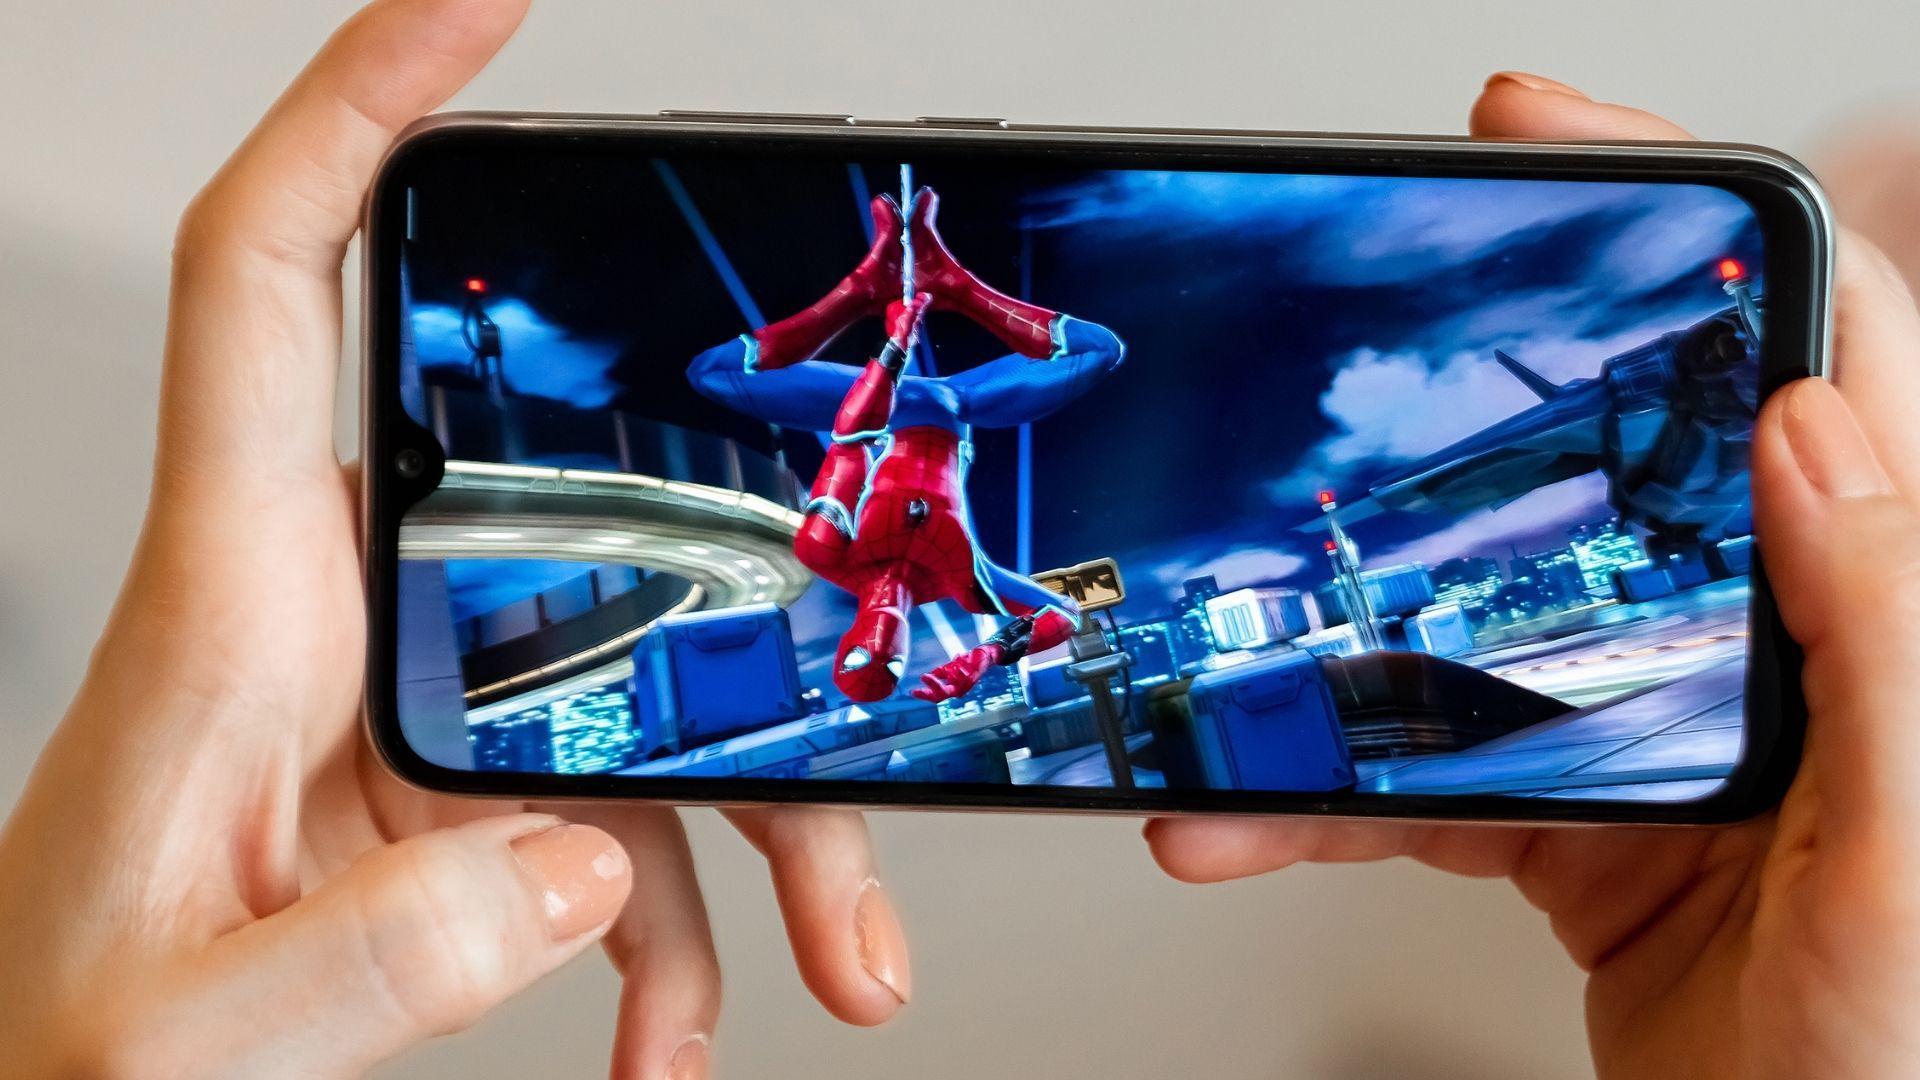 Bom e barato, o Redmi Note 8 consegue rodar vários jogos populares (Foto: Marko Aliaksandr / Shutterstock.com)